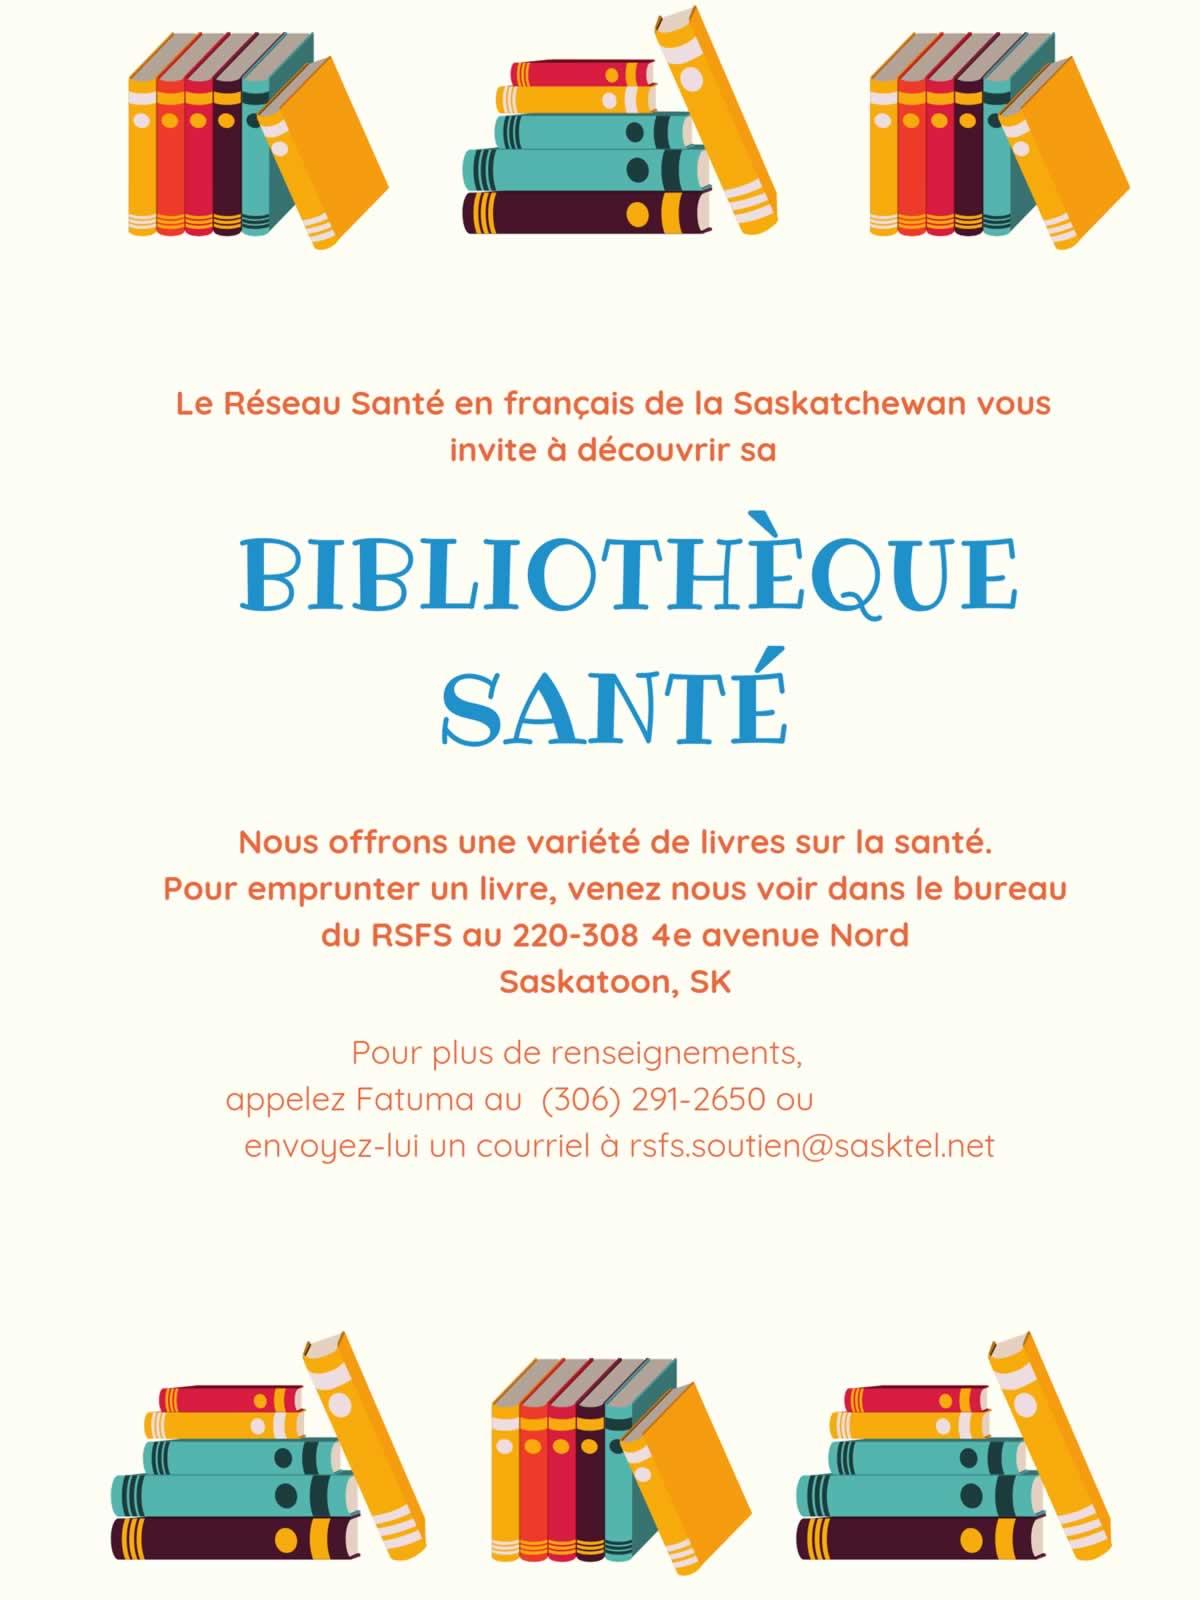 Bibliothèque santé du RSFS